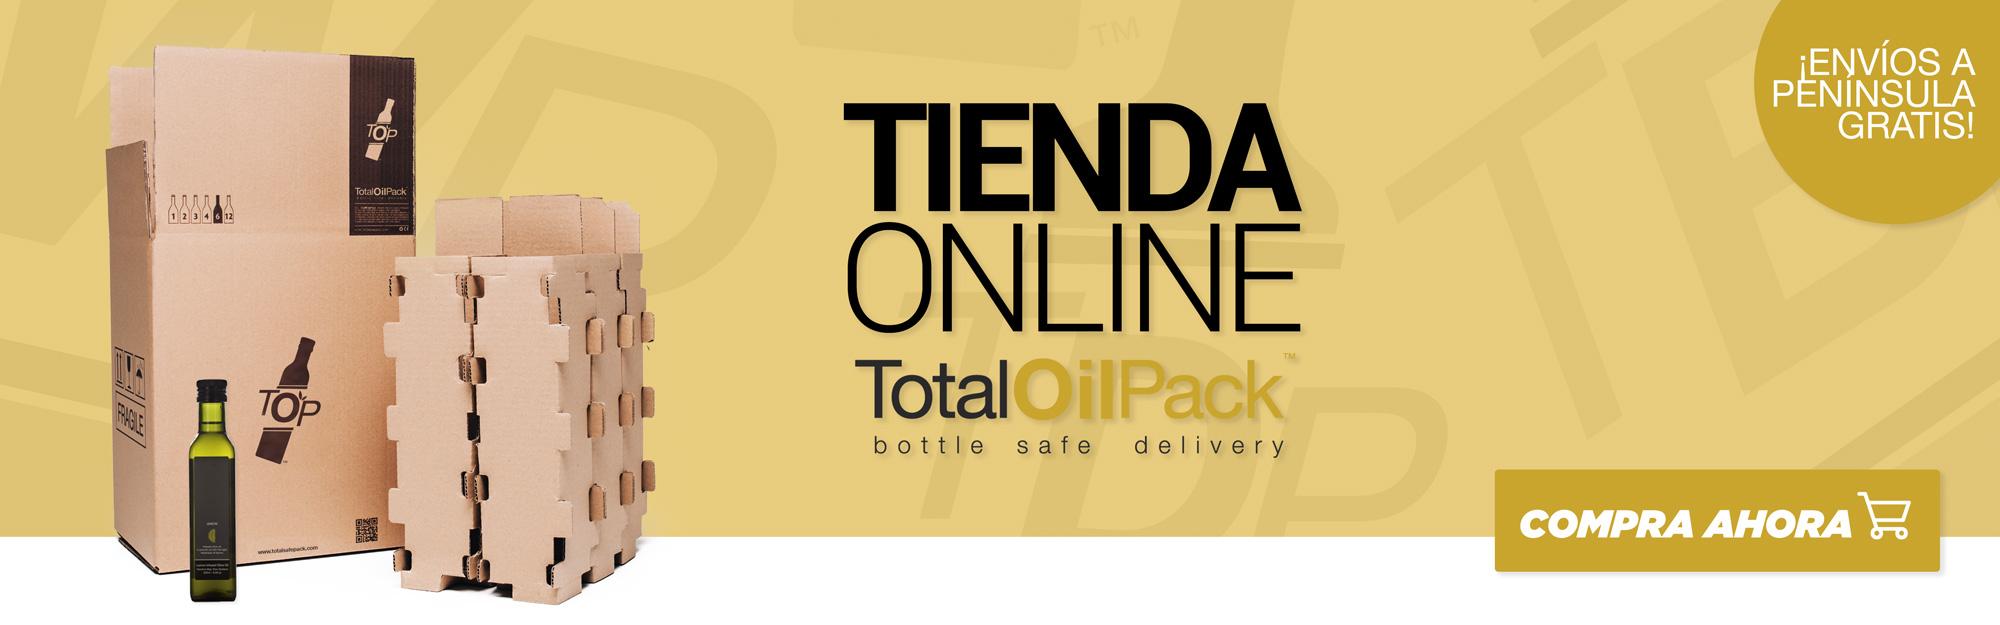 totaloilpack tienda online